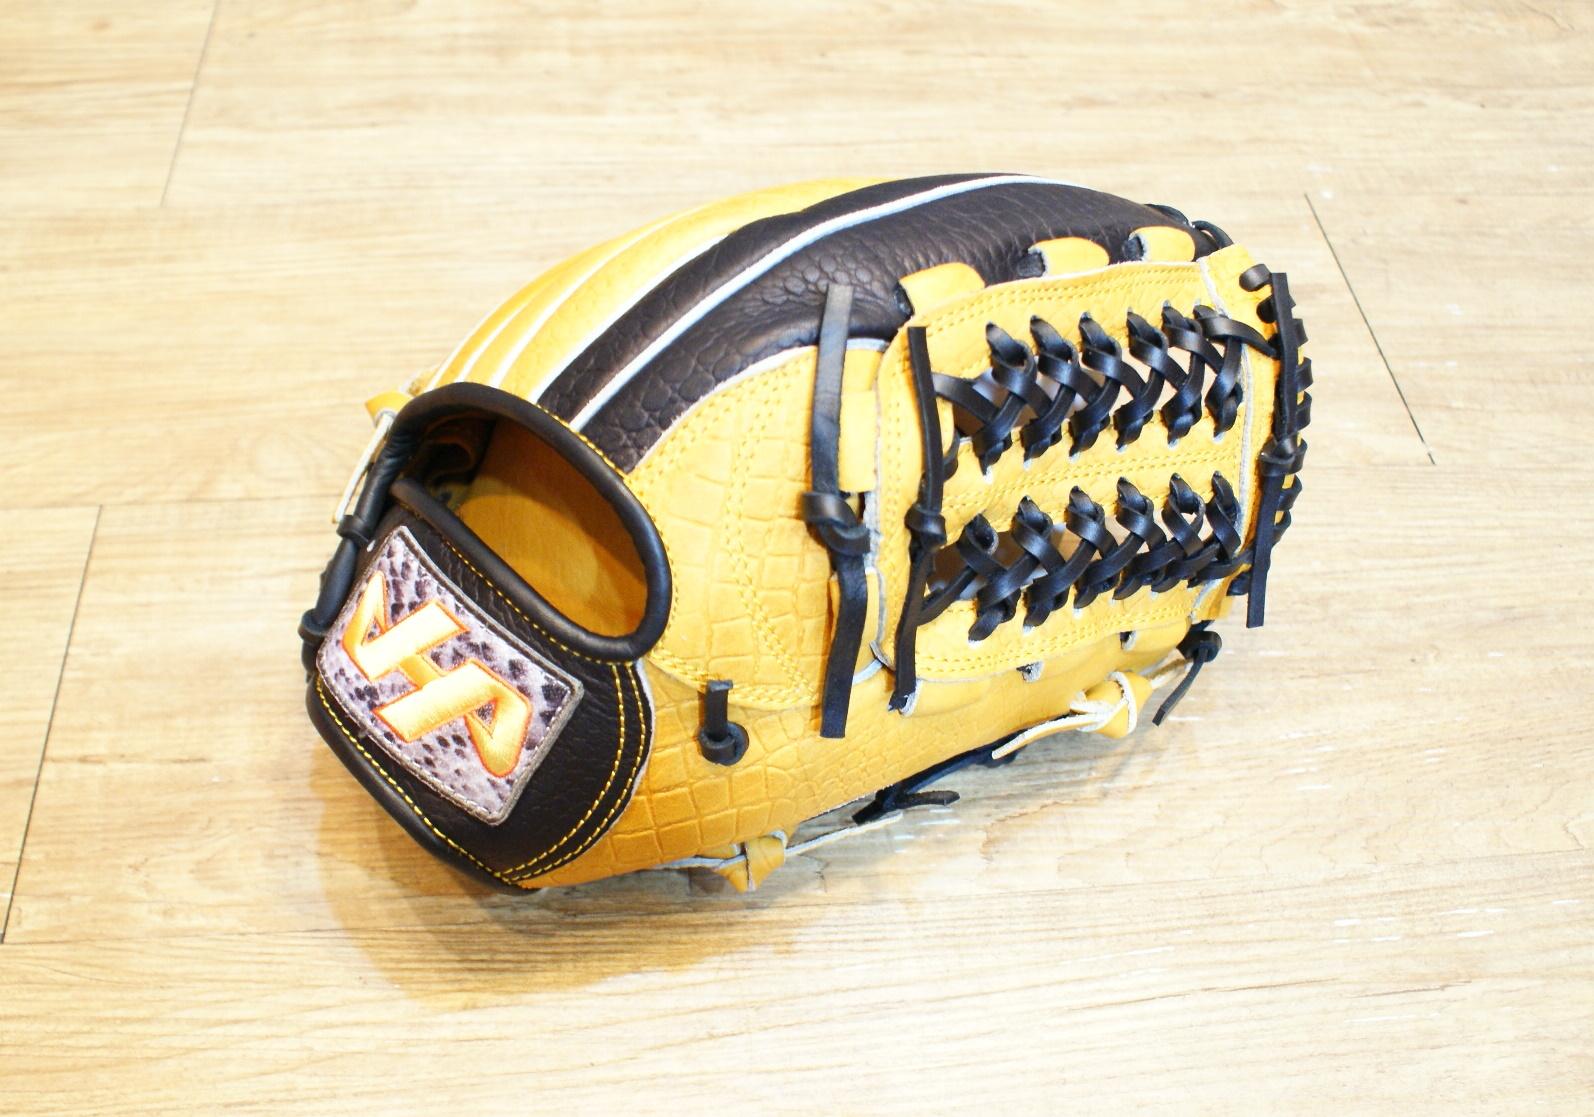 棒球世界全新 HATAKEYAMA 鱷魚紋系列 Professional Model 棒壘 手套 特價